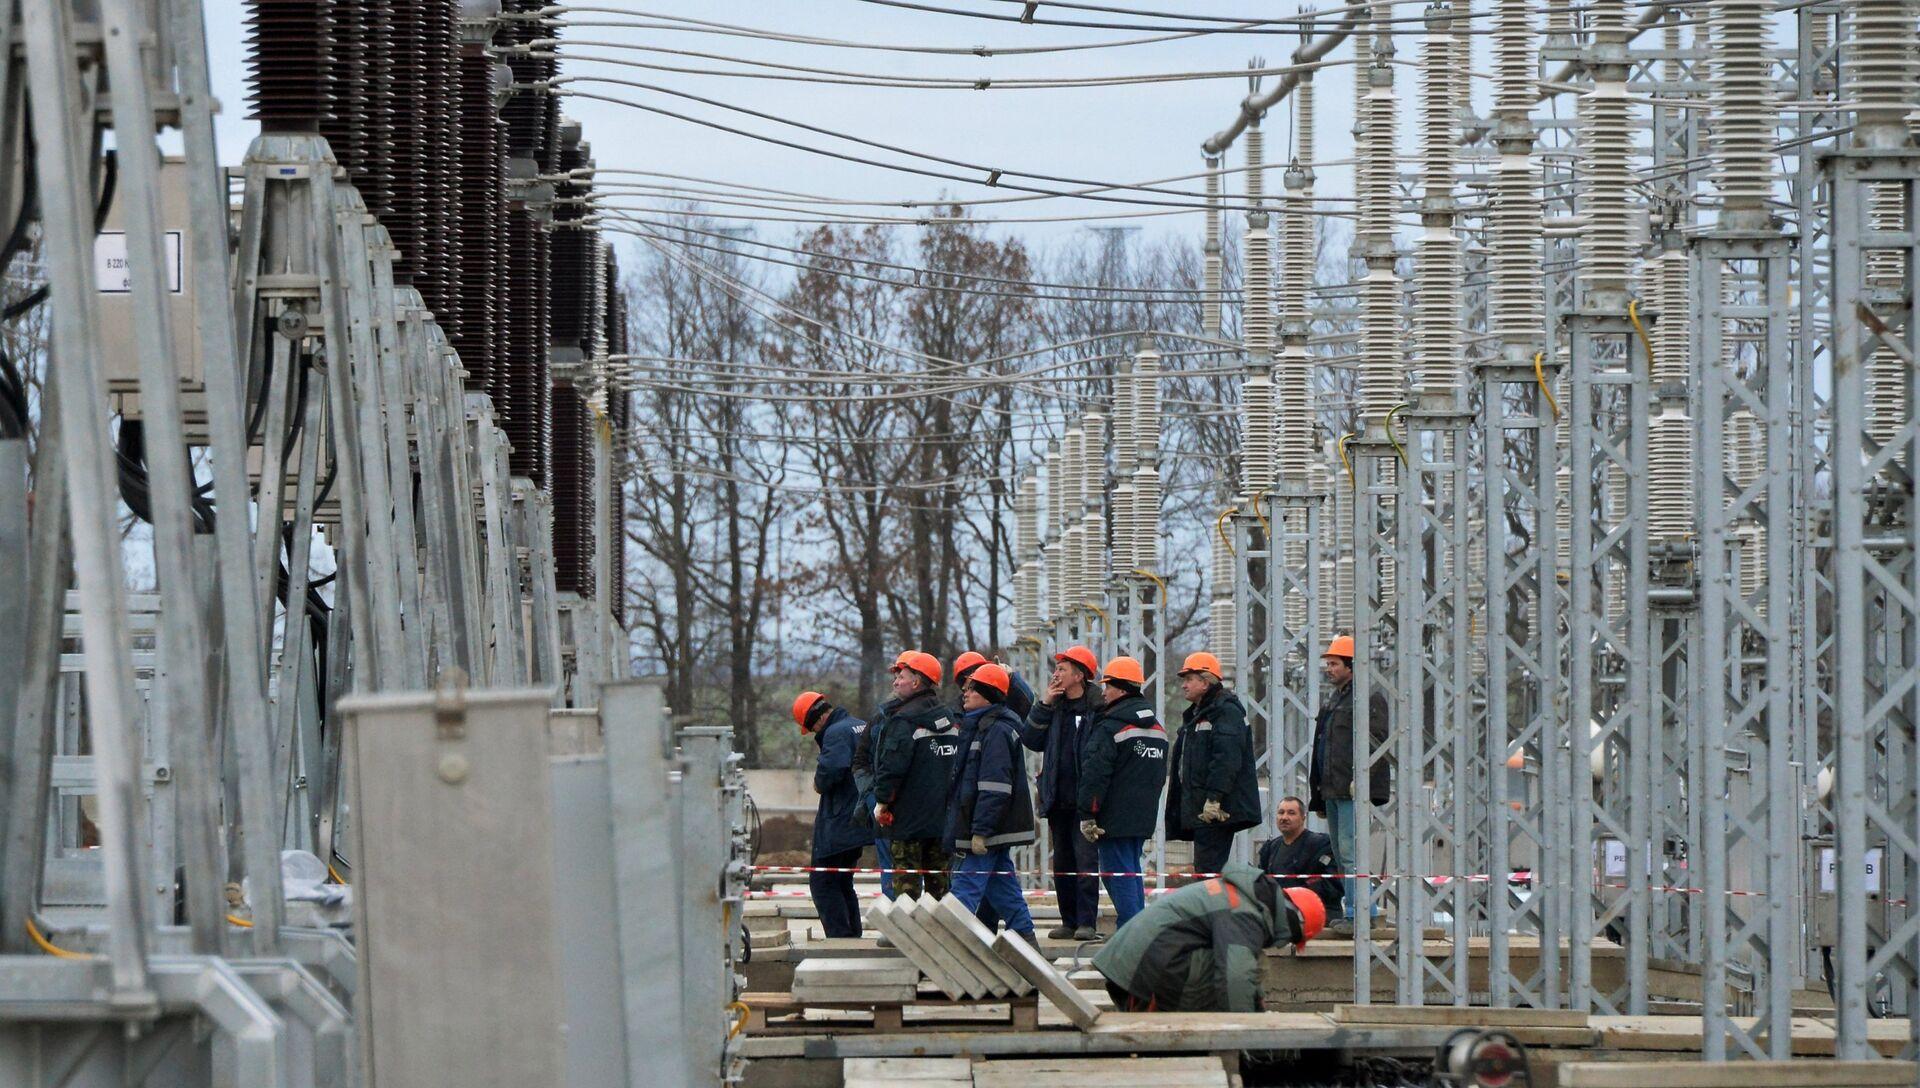 Строительство энергомоста через Керченский пролив - РИА Новости, 1920, 11.05.2017